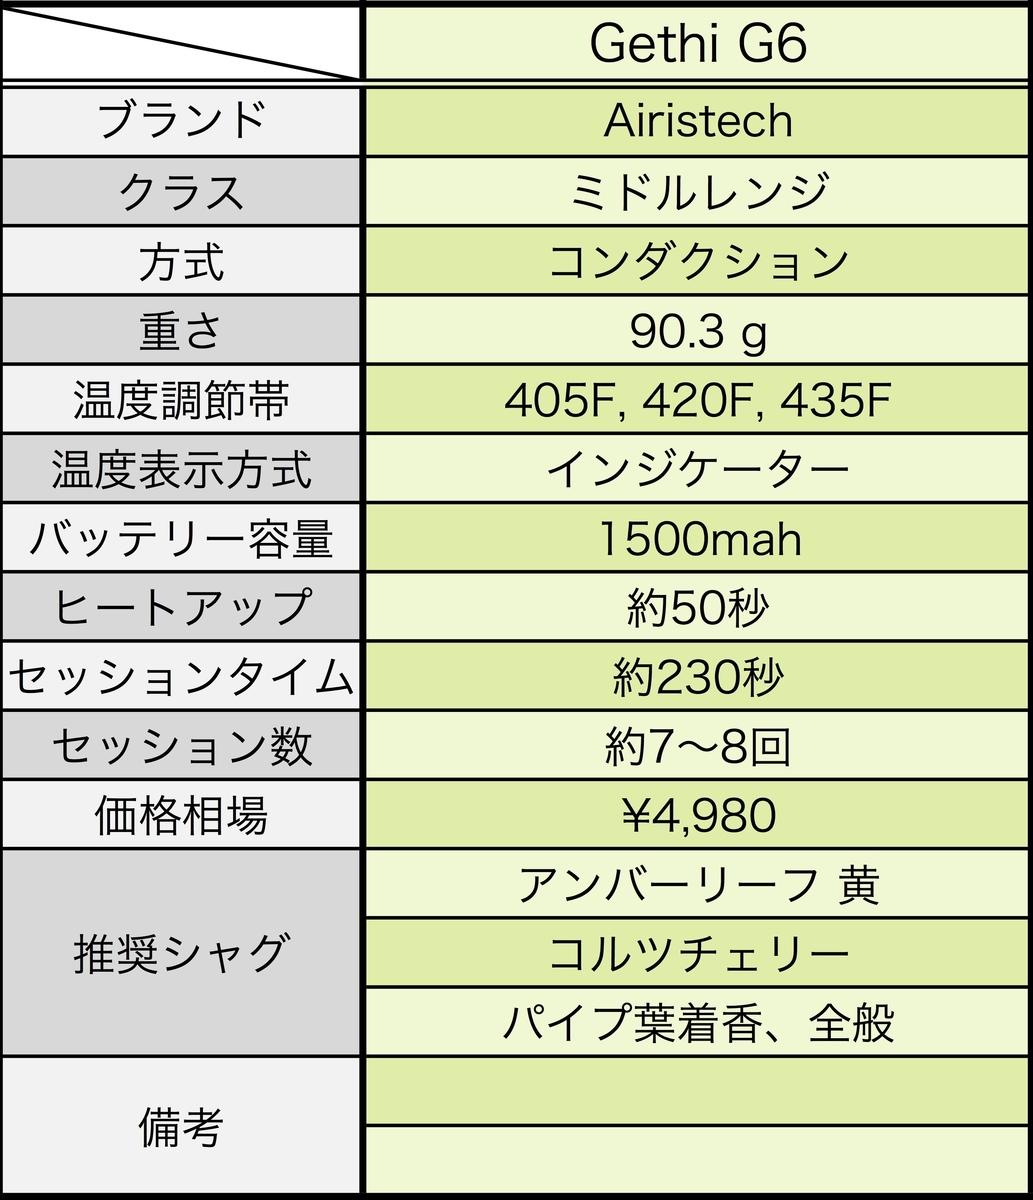 f:id:umu_umai_ojisan:20200720185046j:plain